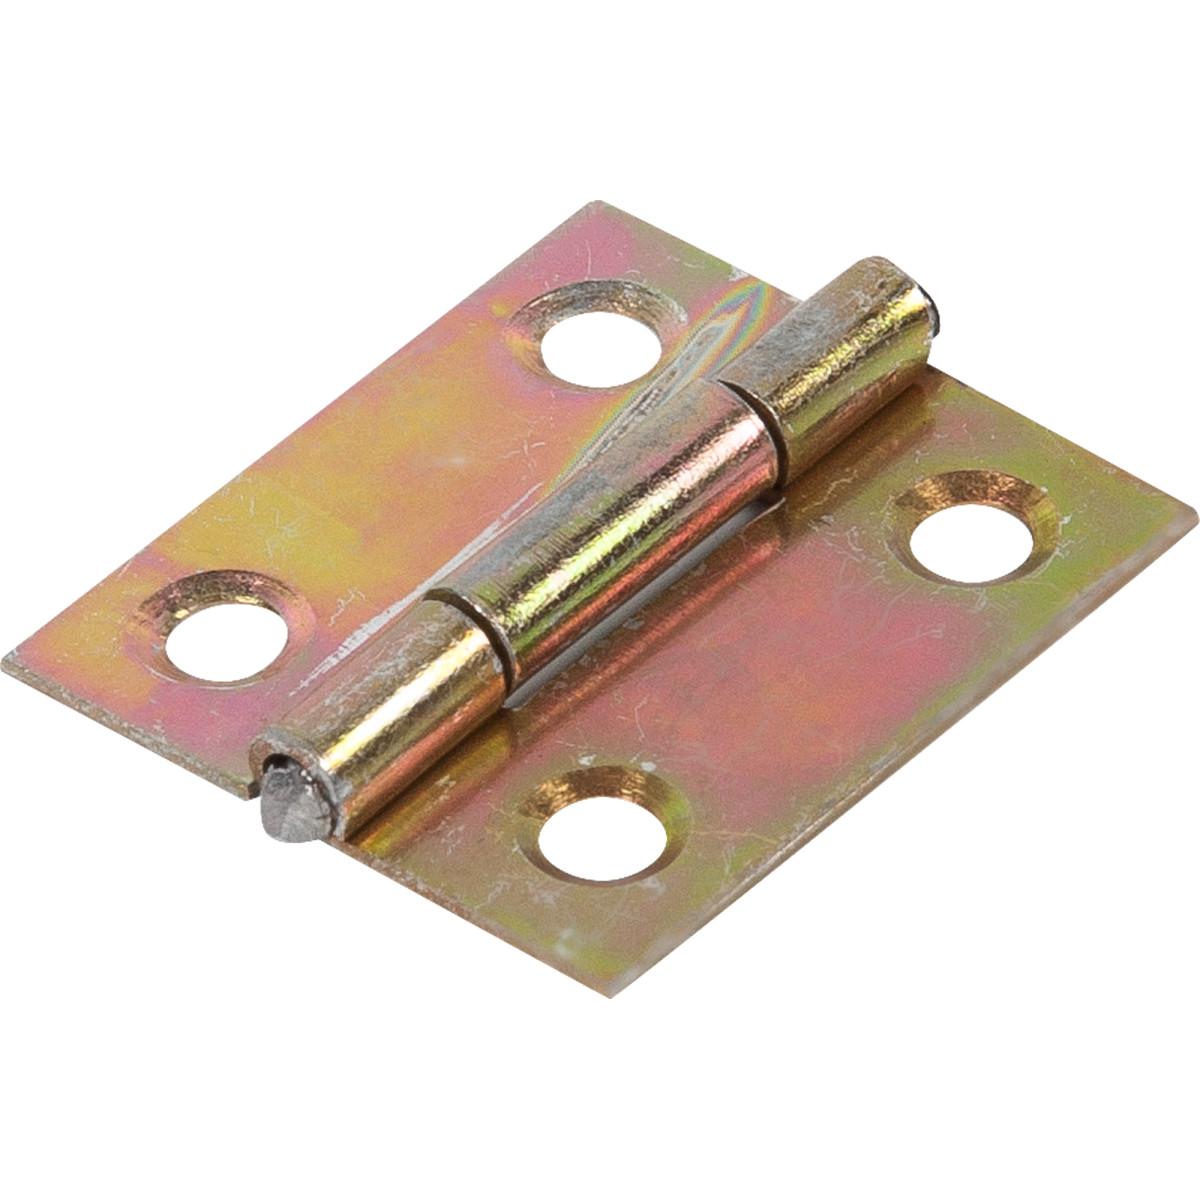 Петля универсальная 25.2х22 мм оцинкованная сталь цвет золотой